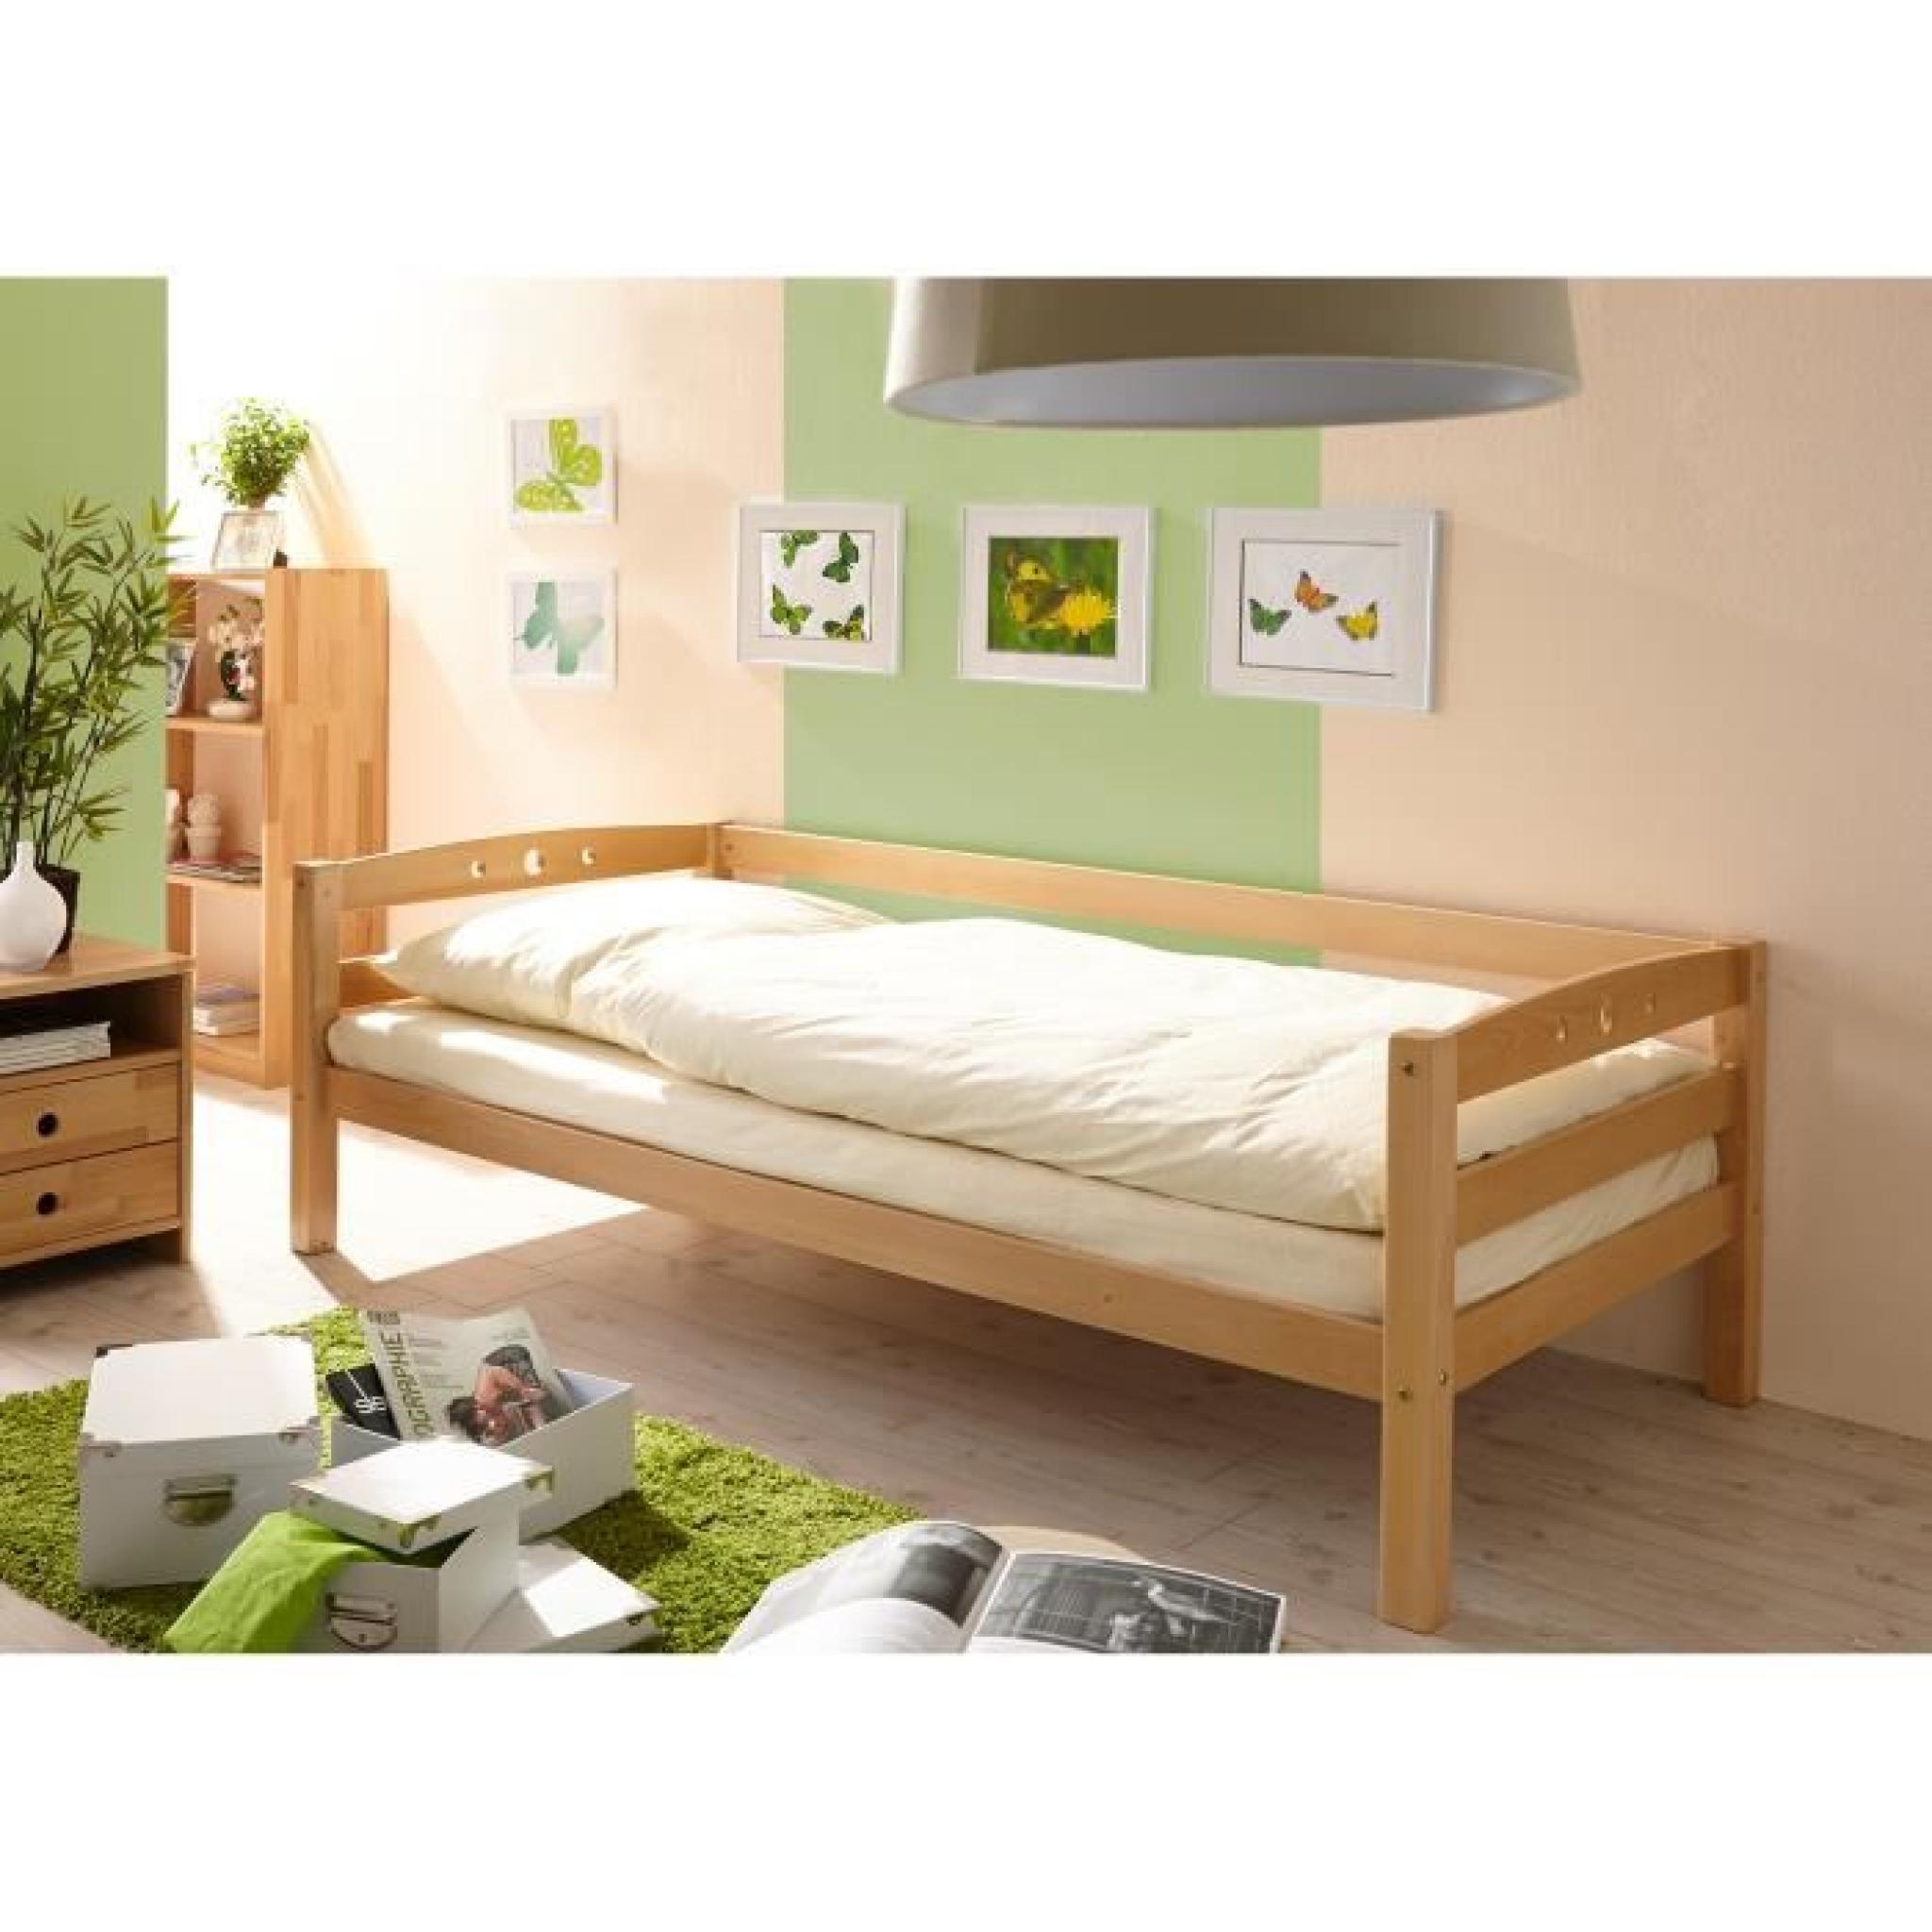 achat lit pas cher lits cm achat vente lits cm pas cher. Black Bedroom Furniture Sets. Home Design Ideas